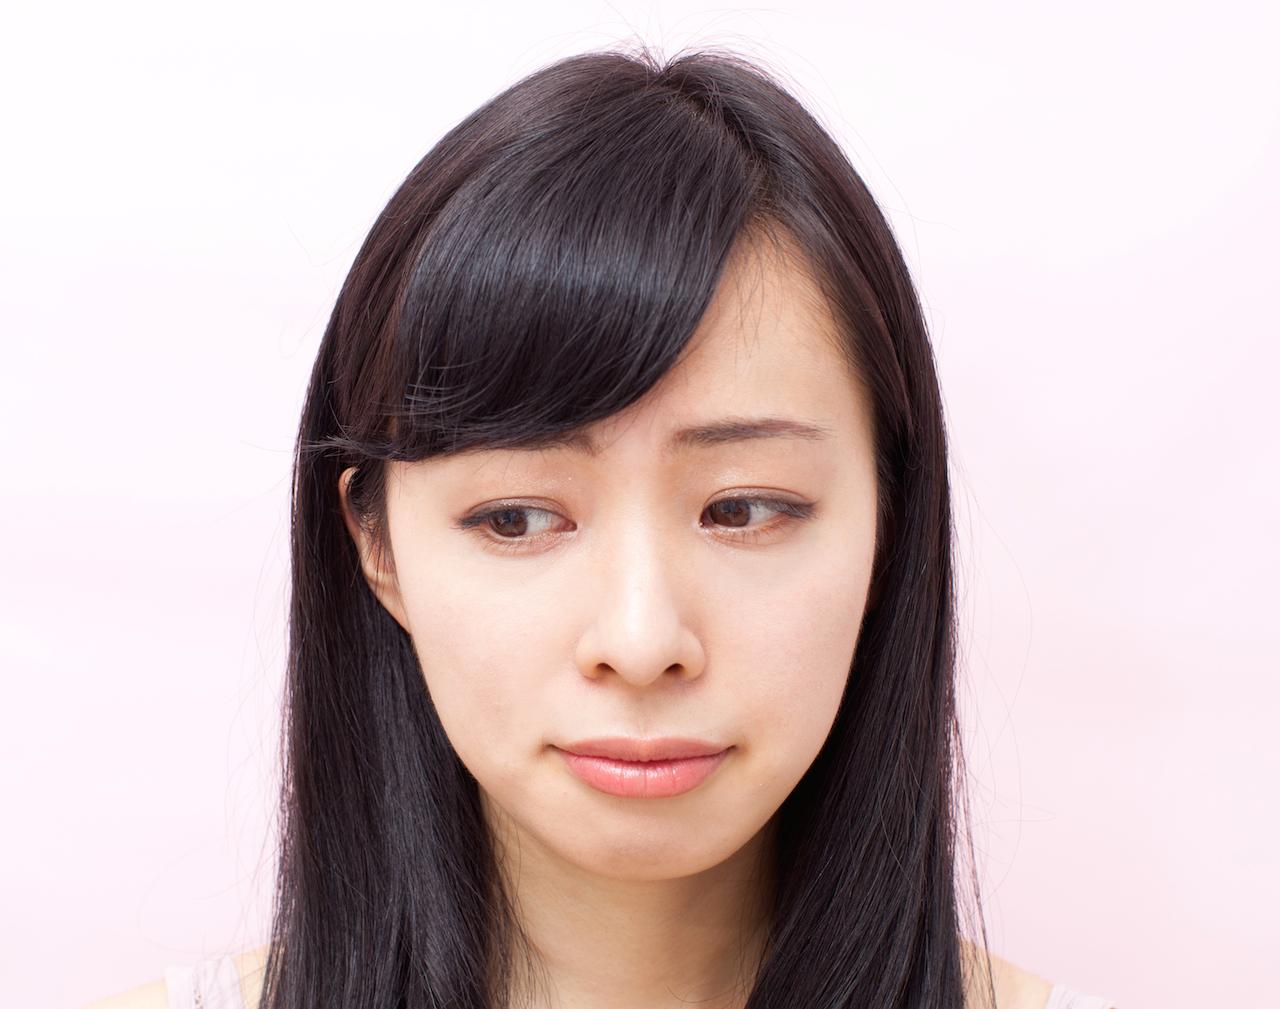 知る人ぞ知る治療法 左右の眼球運動でトラウマを軽減する「EMDR」